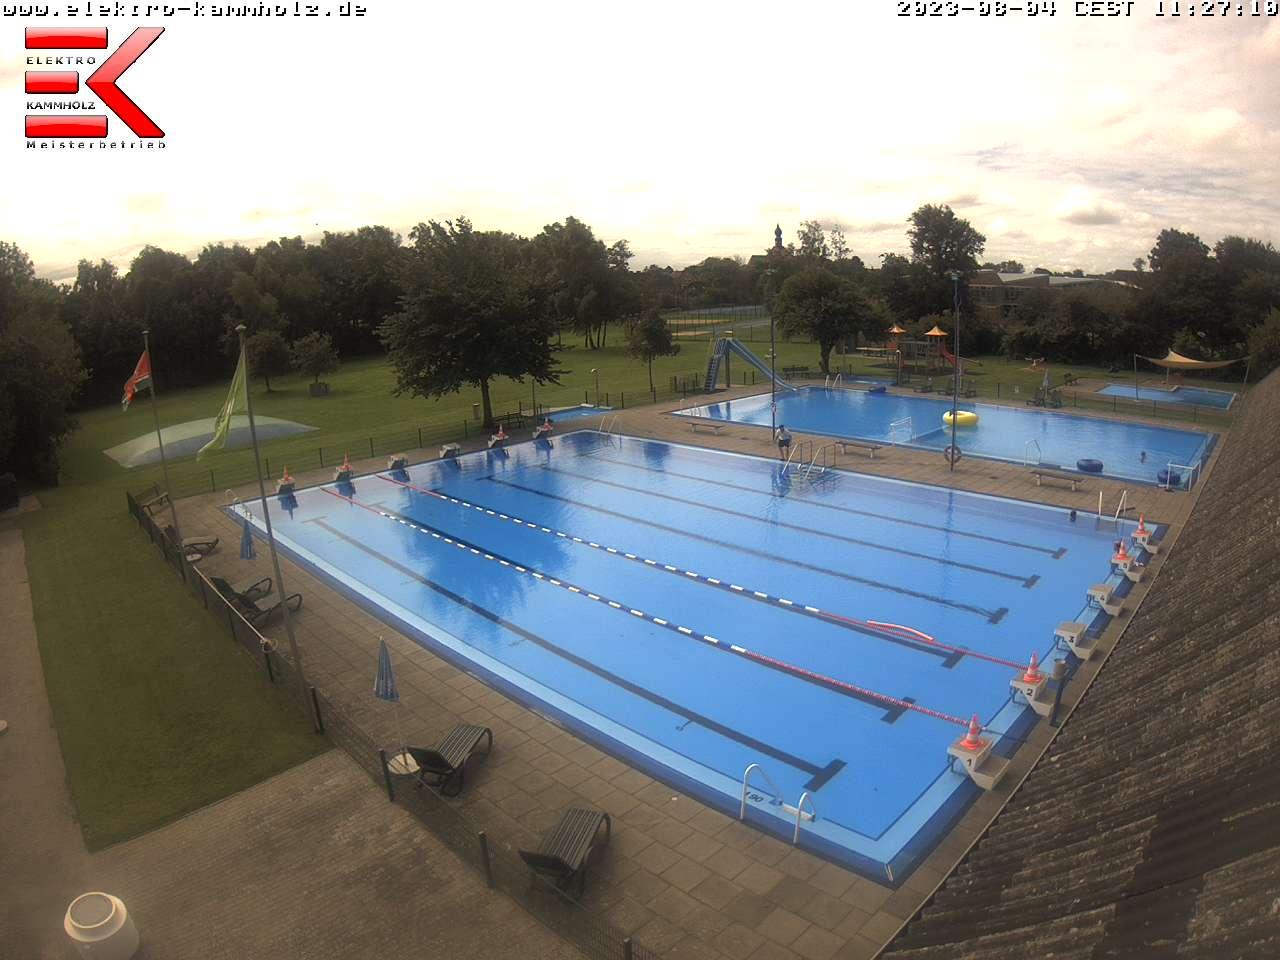 WebCam-Bild des Freibads